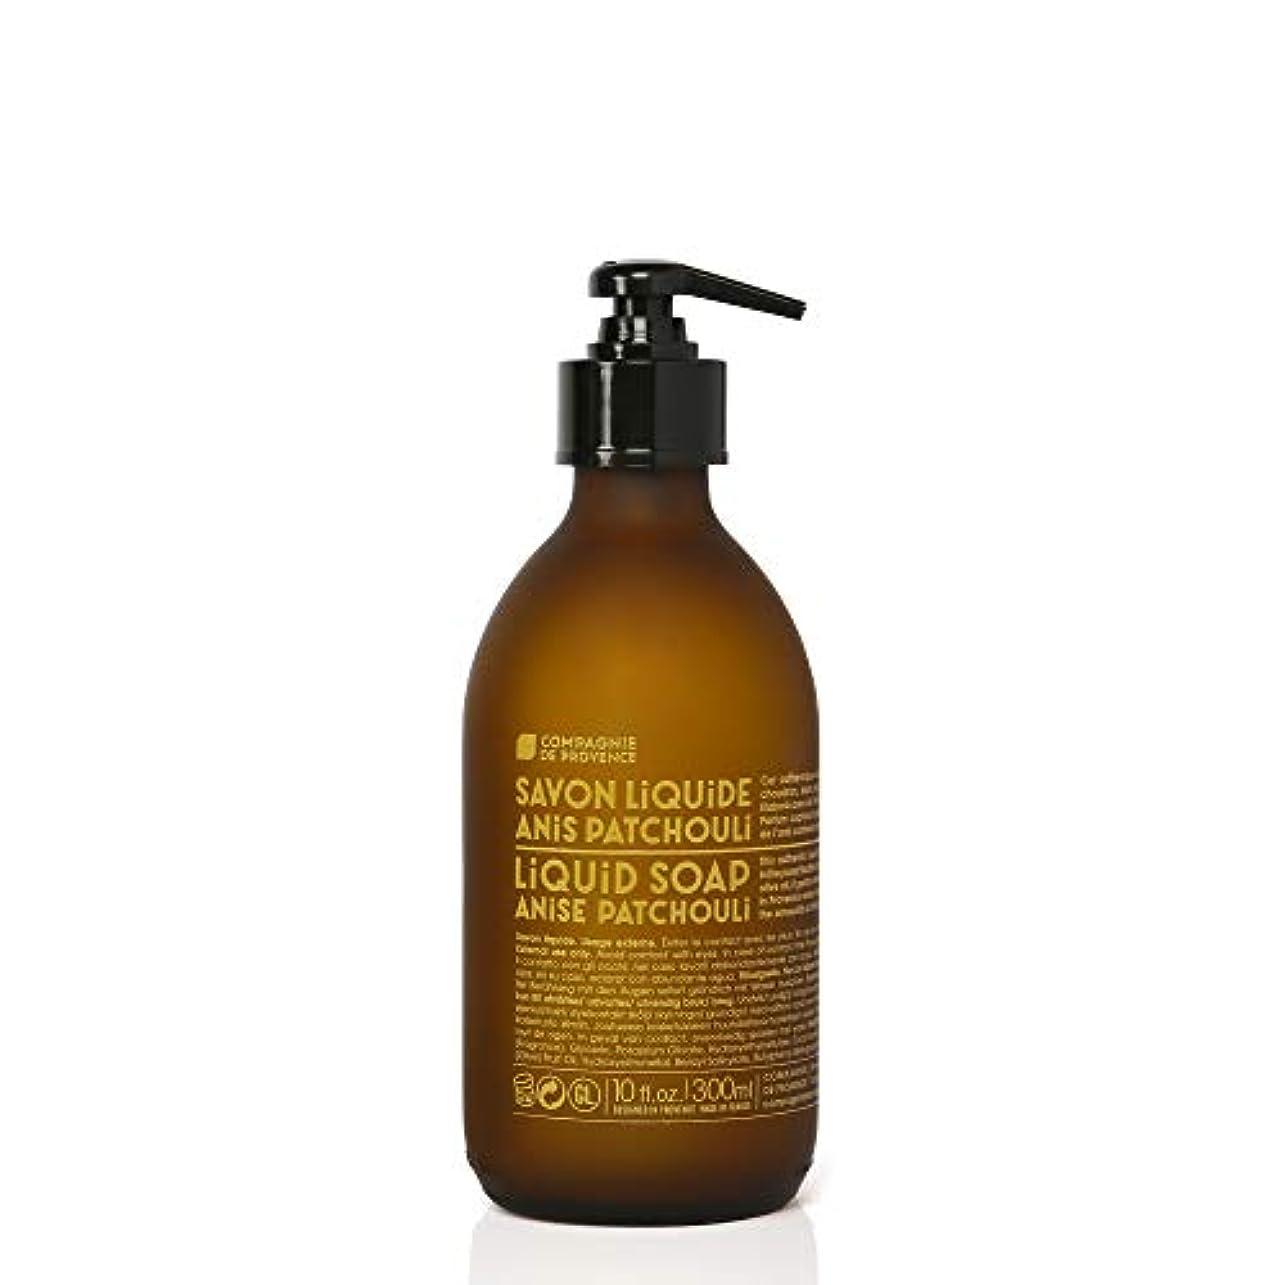 農奴ネズミ大胆不敵Compagnie de ProvenceマルセイユLiquid Soap Made in France 16.9 FL OZガラスボトル